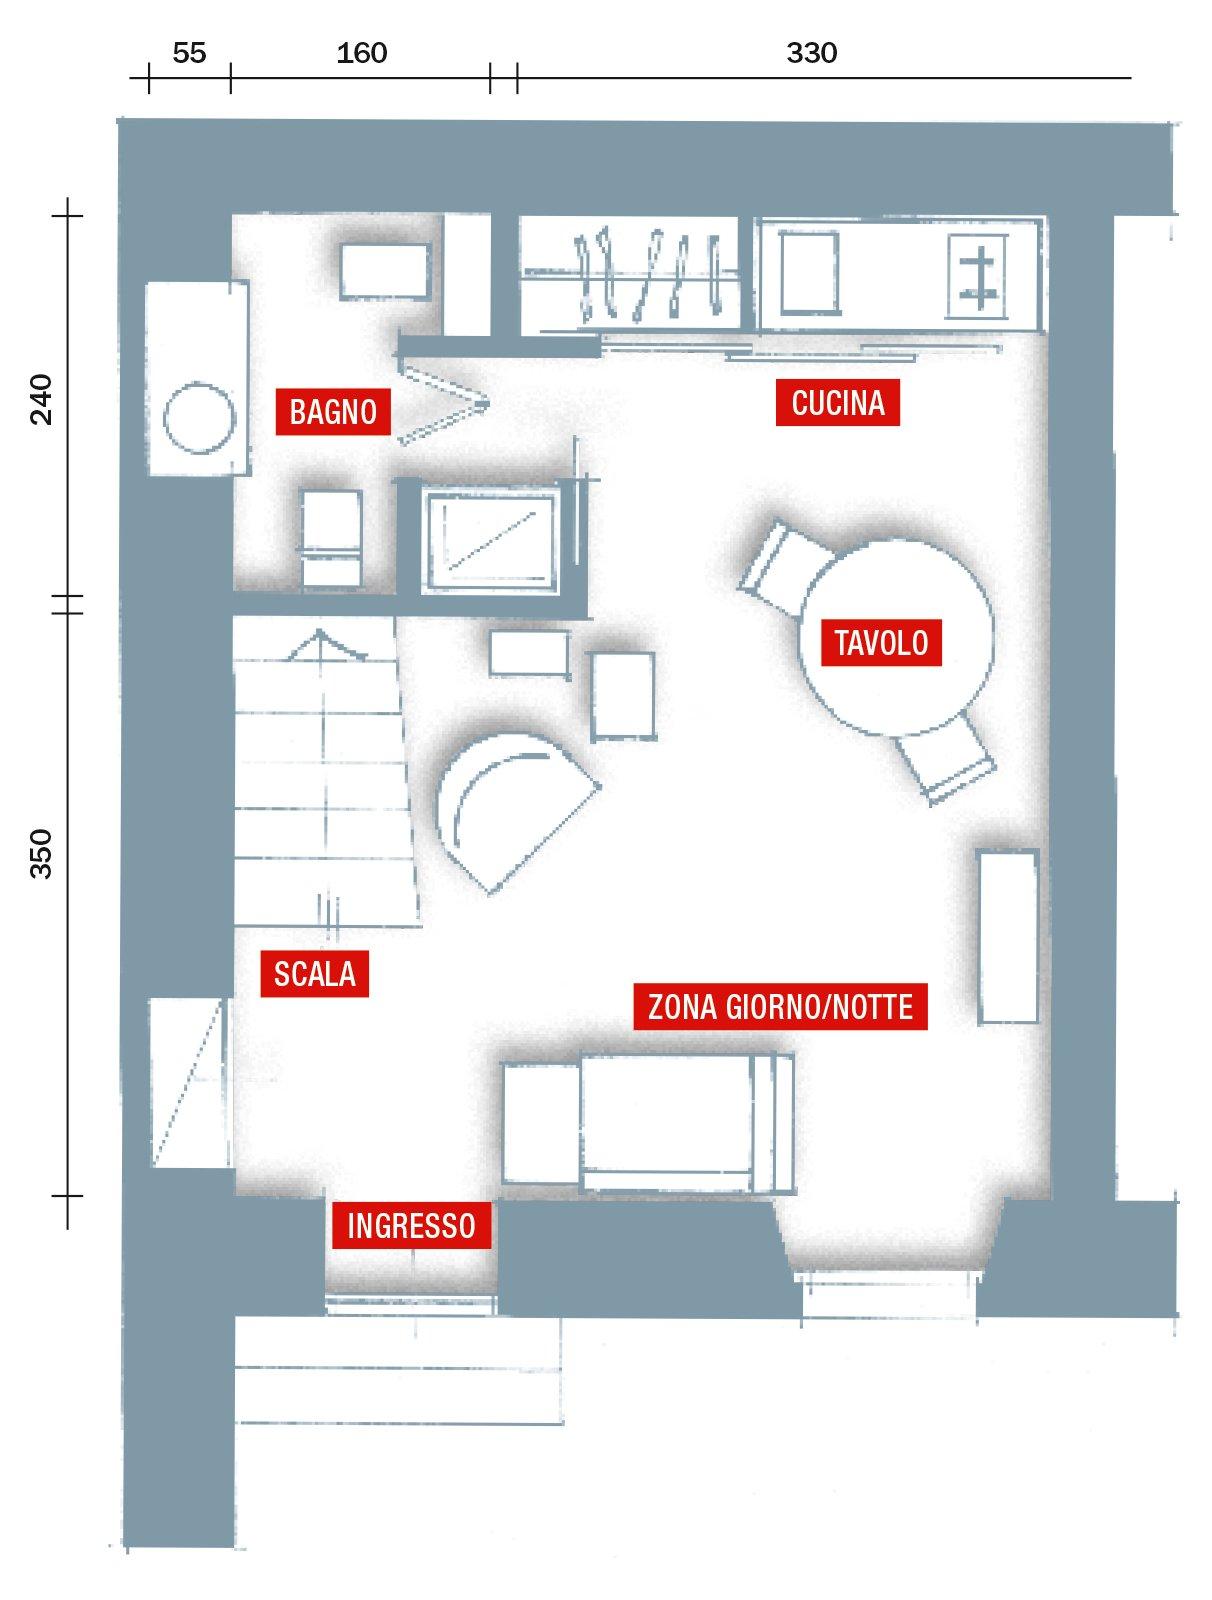 Monolocale una casa di 30 mq risolta al centimetro cose for Progetto casa 40 mq